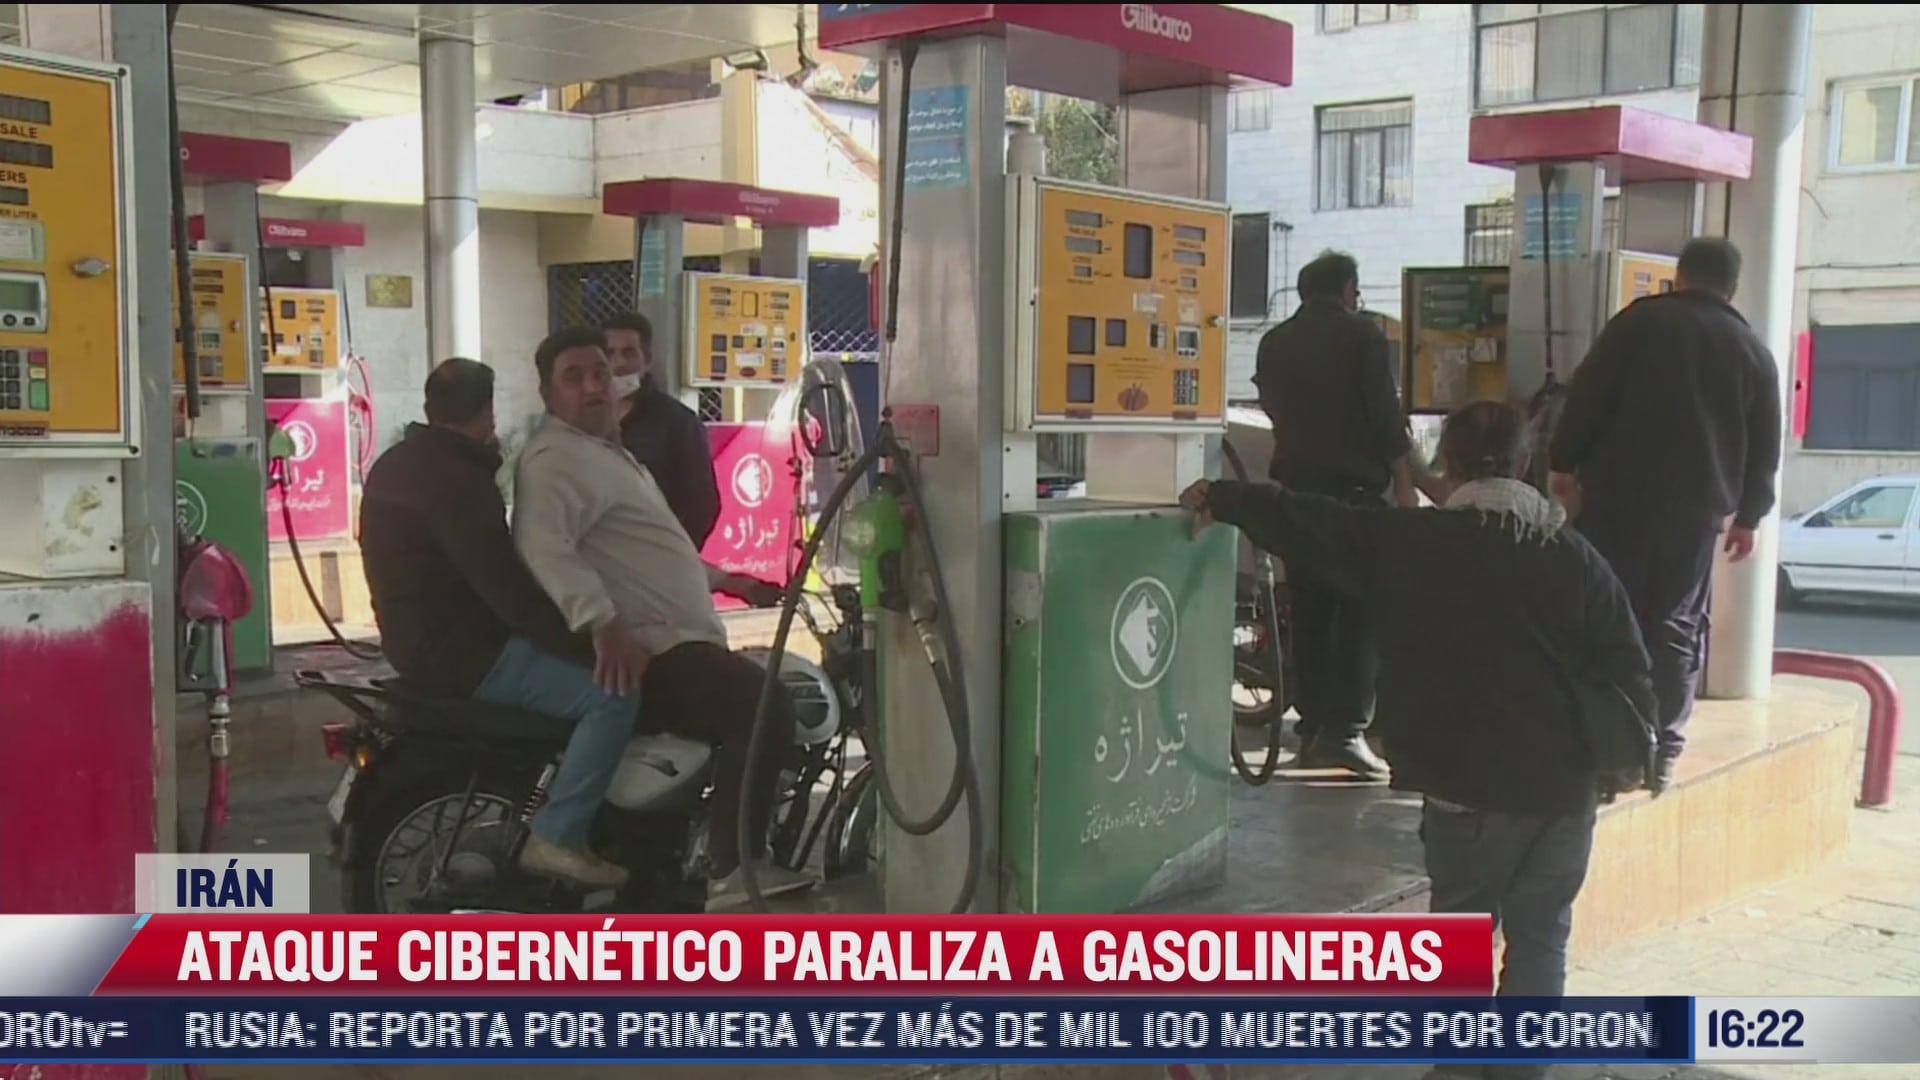 ciberataque paraliza gasolineras en iran